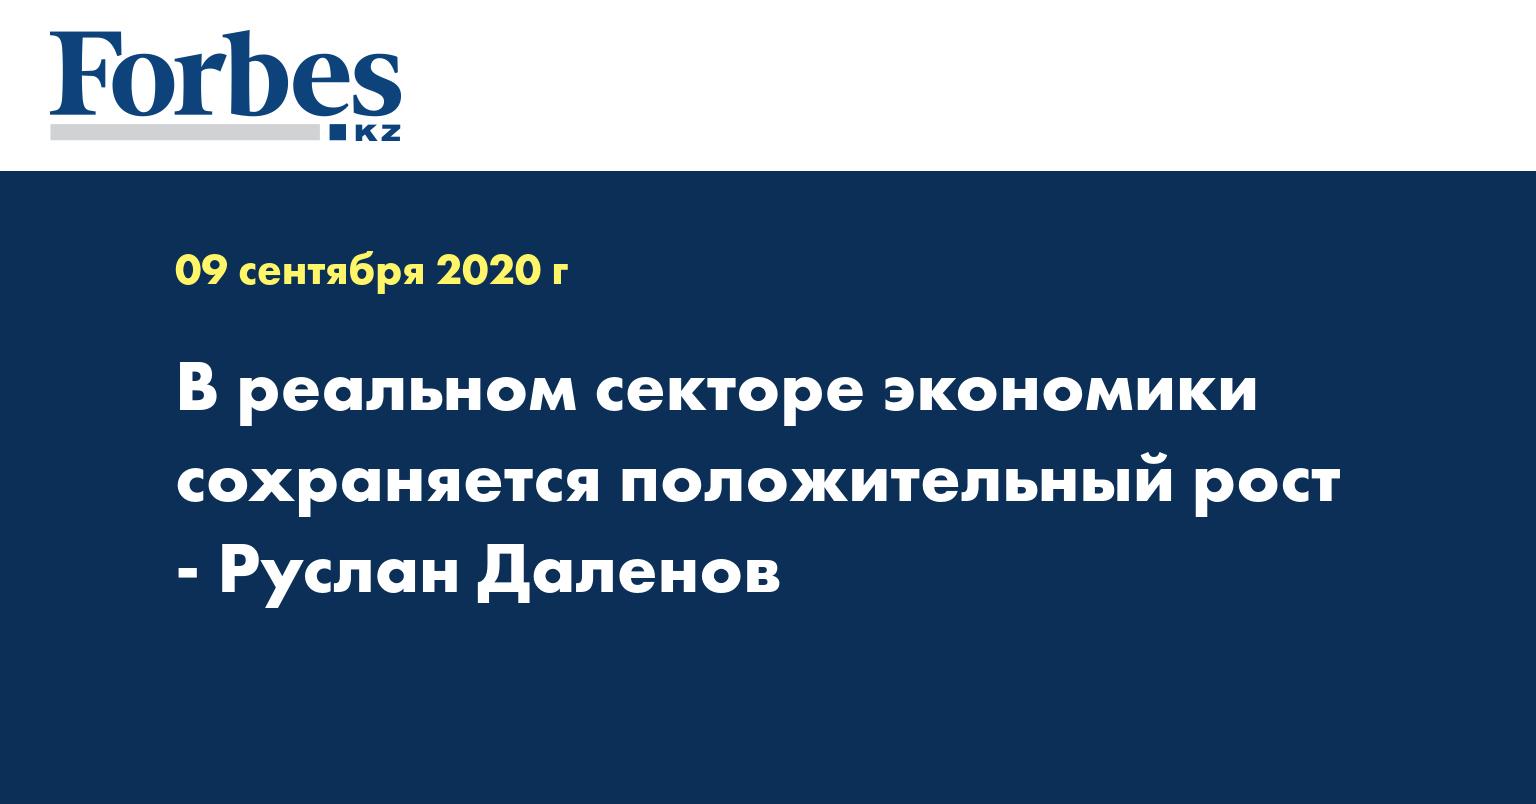 В реальном секторе экономики сохраняется положительный рост  -  Руслан Даленов